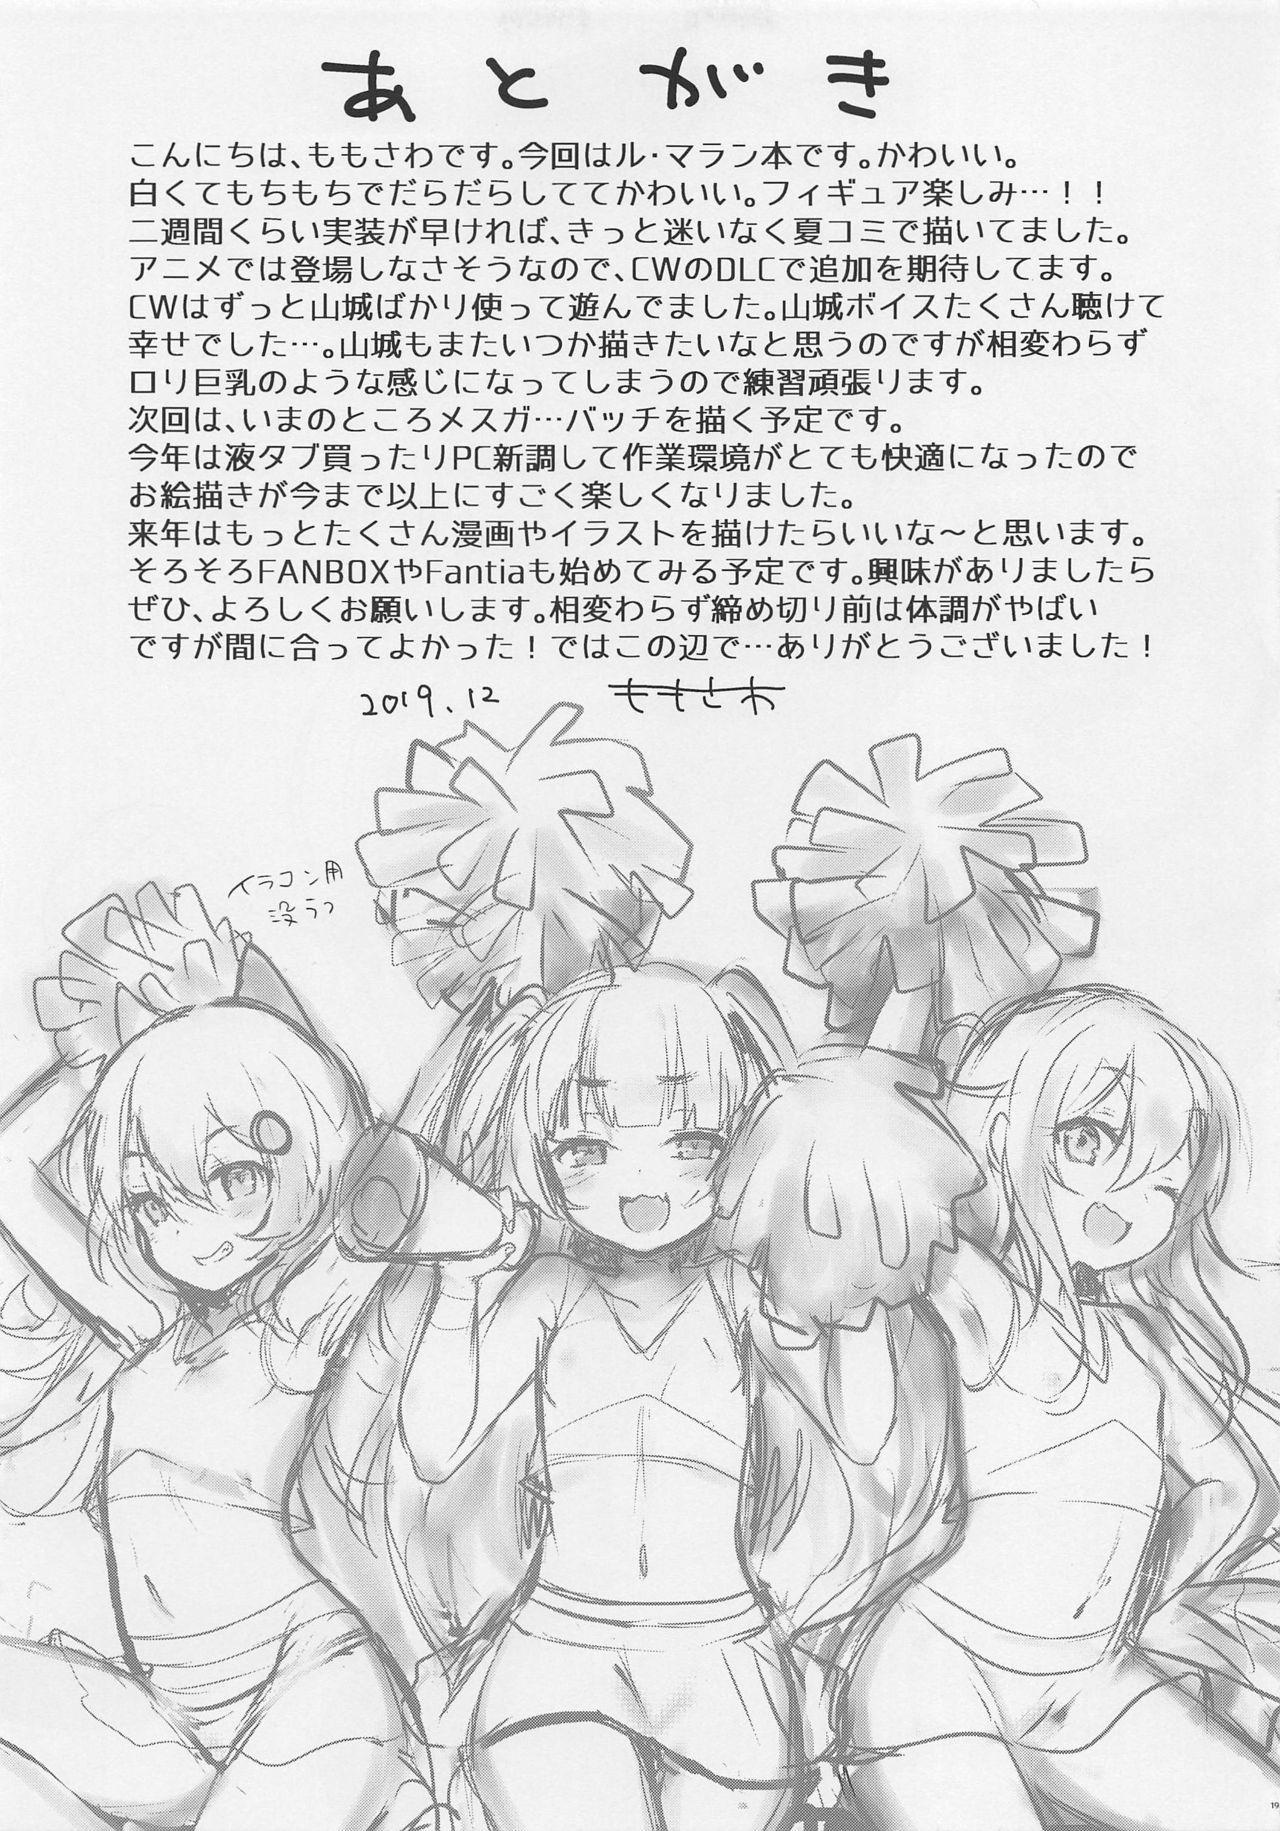 Le Malin-chan wa Sabori Jouzu? + Omake 19